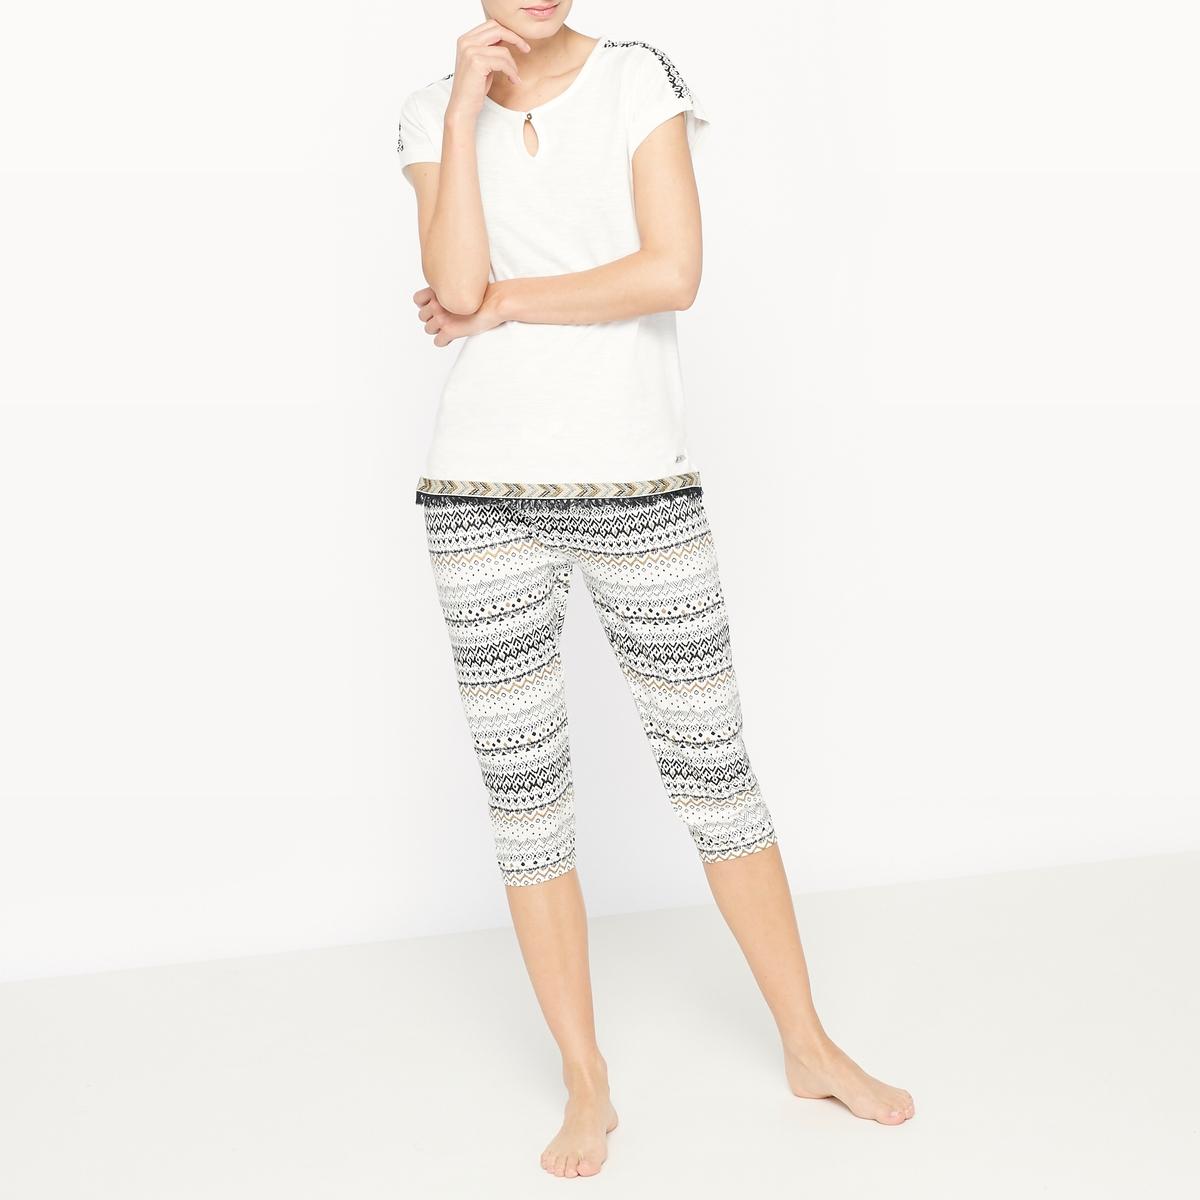 Пижама с короткими рукавами и короткими брюками из хлопка GalonСостав и описание :Материал : 100% хлопокМарка : Dodo Уход :Машинная стирка при 30 °C с вещами схожих цветов<br><br>Цвет: рисунок/фон экрю<br>Размер: L.S